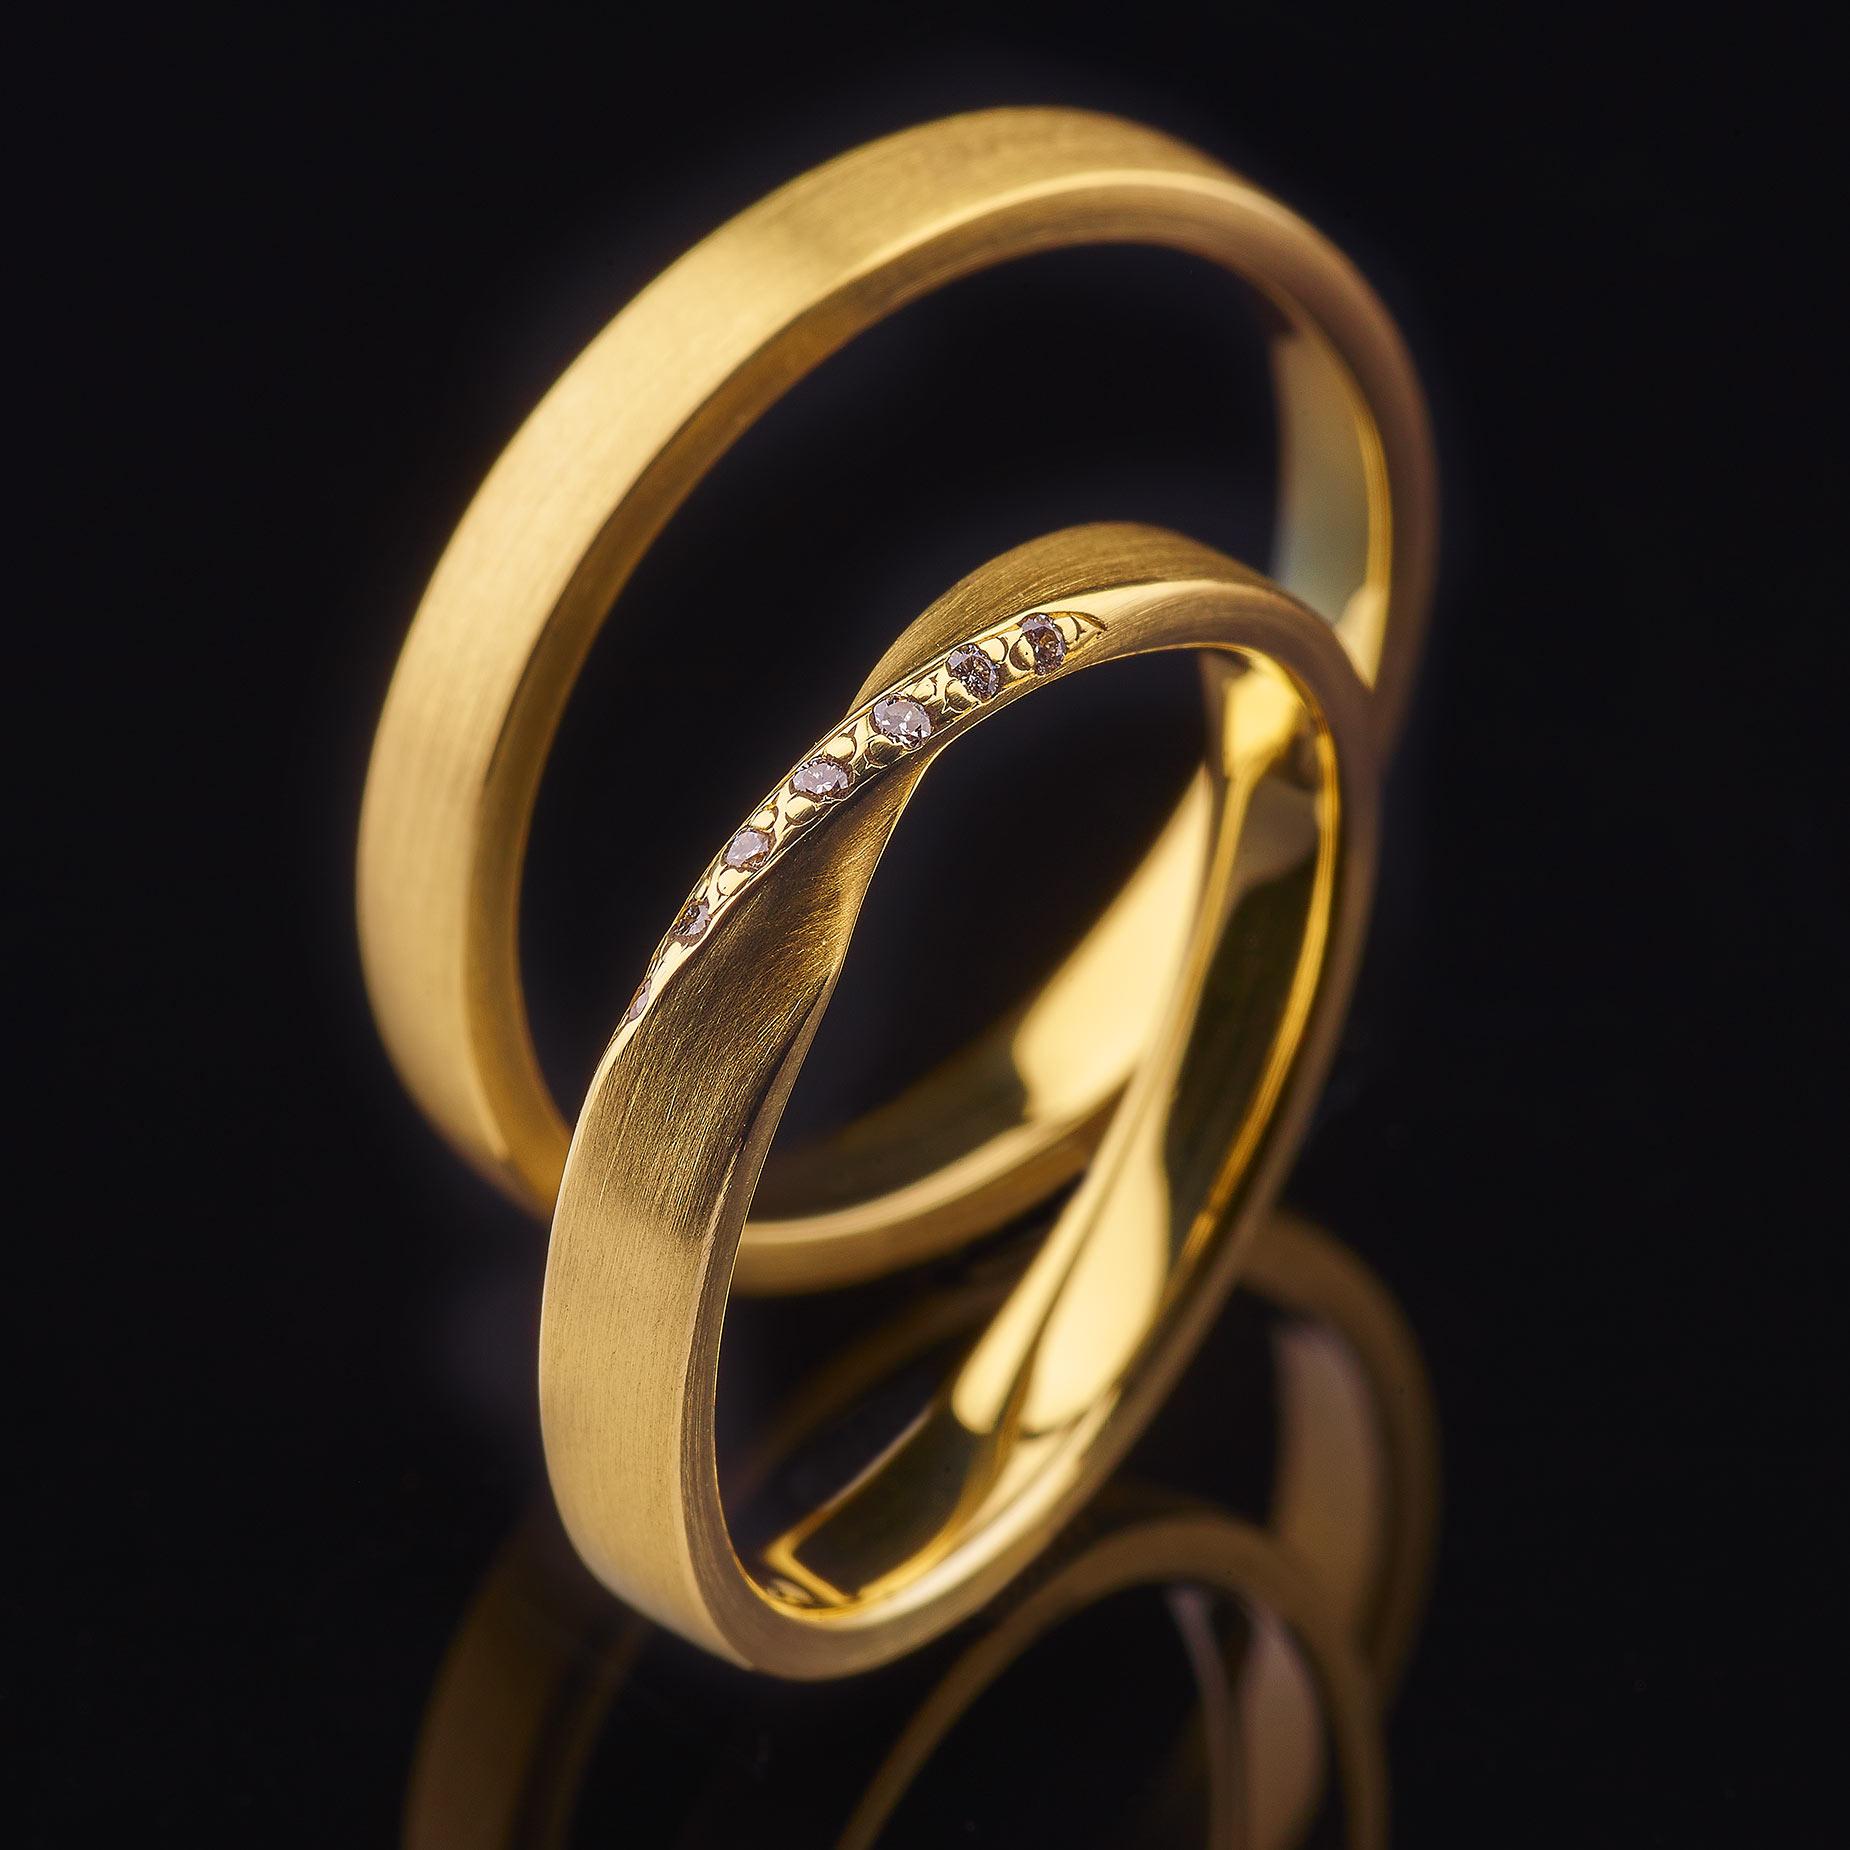 Ringe 585/000 Gelbgold, 950/000 Palladium, Brillanten, Schmuck, Hochzeitsringe, Trauringe, Eheringe, Verlobungsringe, Schweinfurt, Bamberg, Coburg, Unterfranken, Bayern